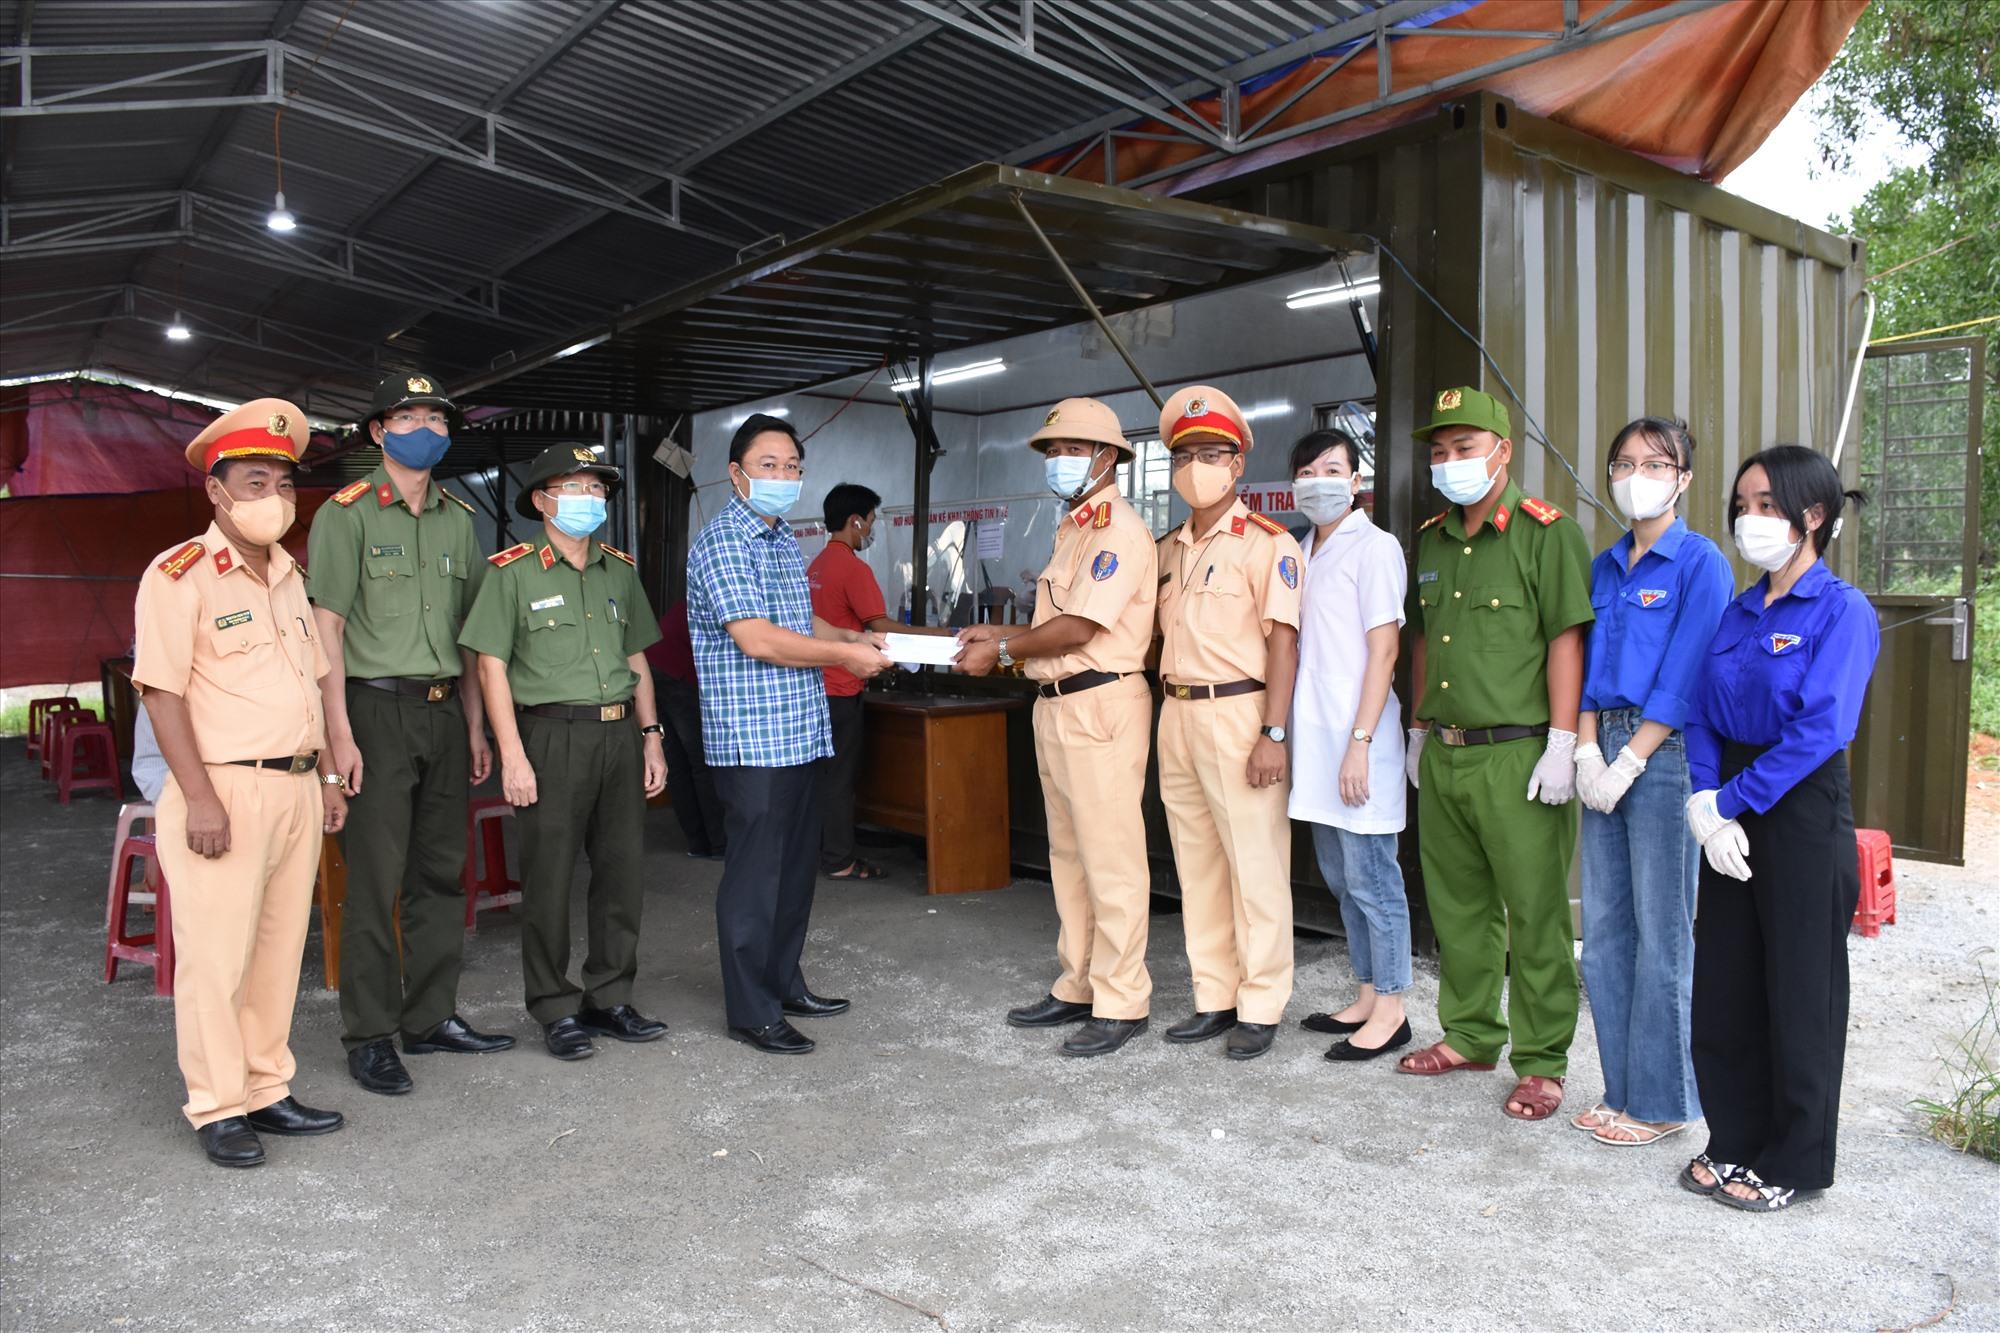 Đồng chí Lê Trí Than tặng quà lực lượng làm nhiệm vụ tại chốt Dốc Sỏi.